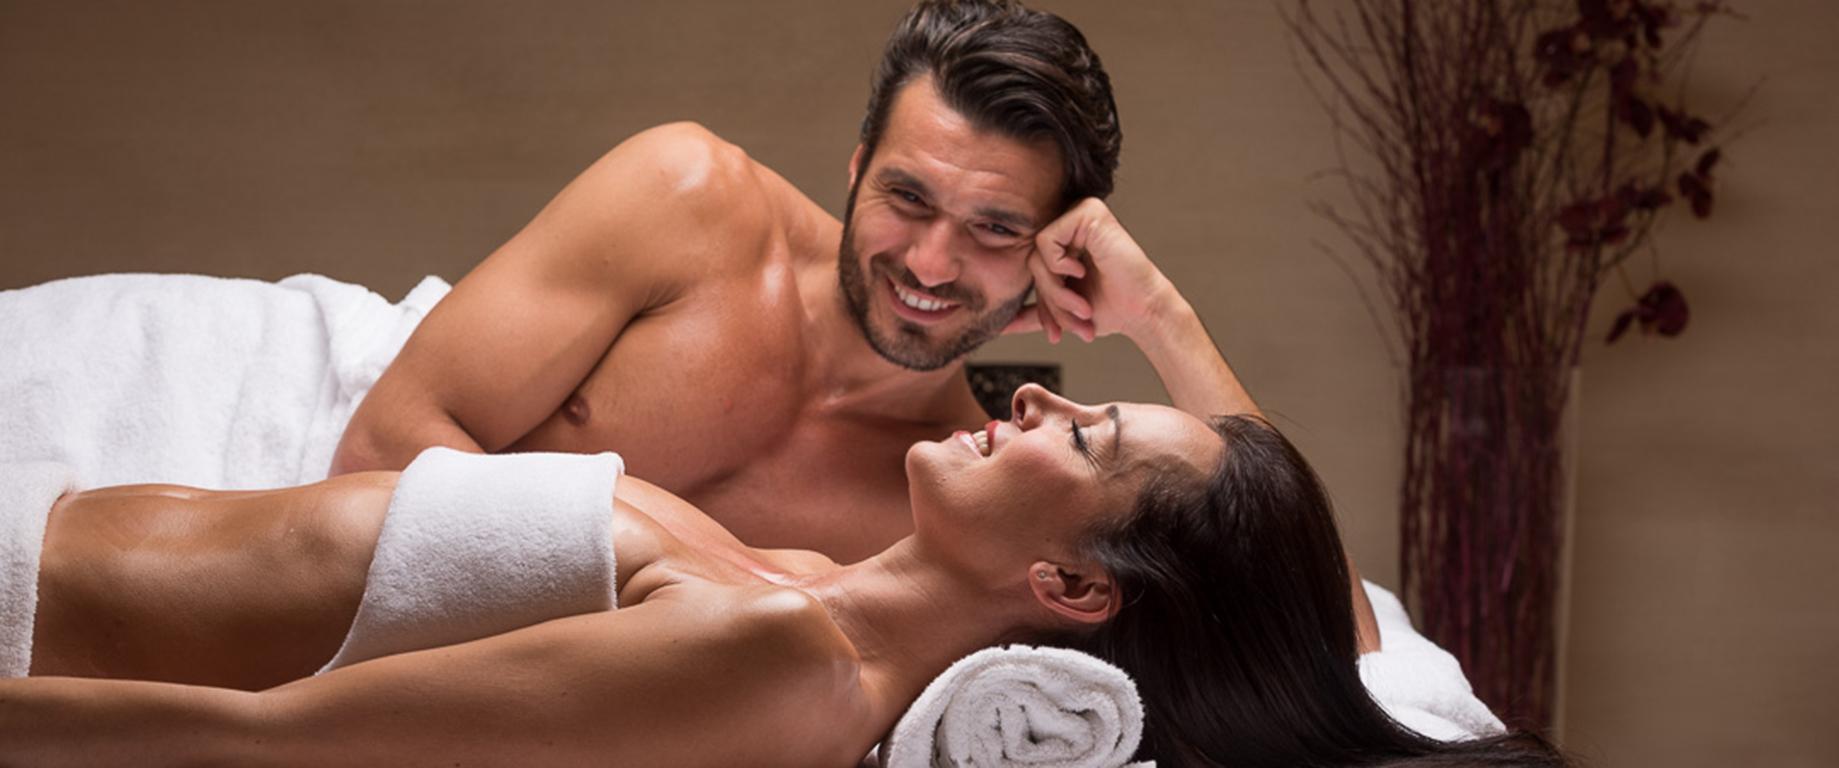 centro-benessere-veronaofferte-wellness-veronaofferta-wellness-di-coppia-a-verona261_1